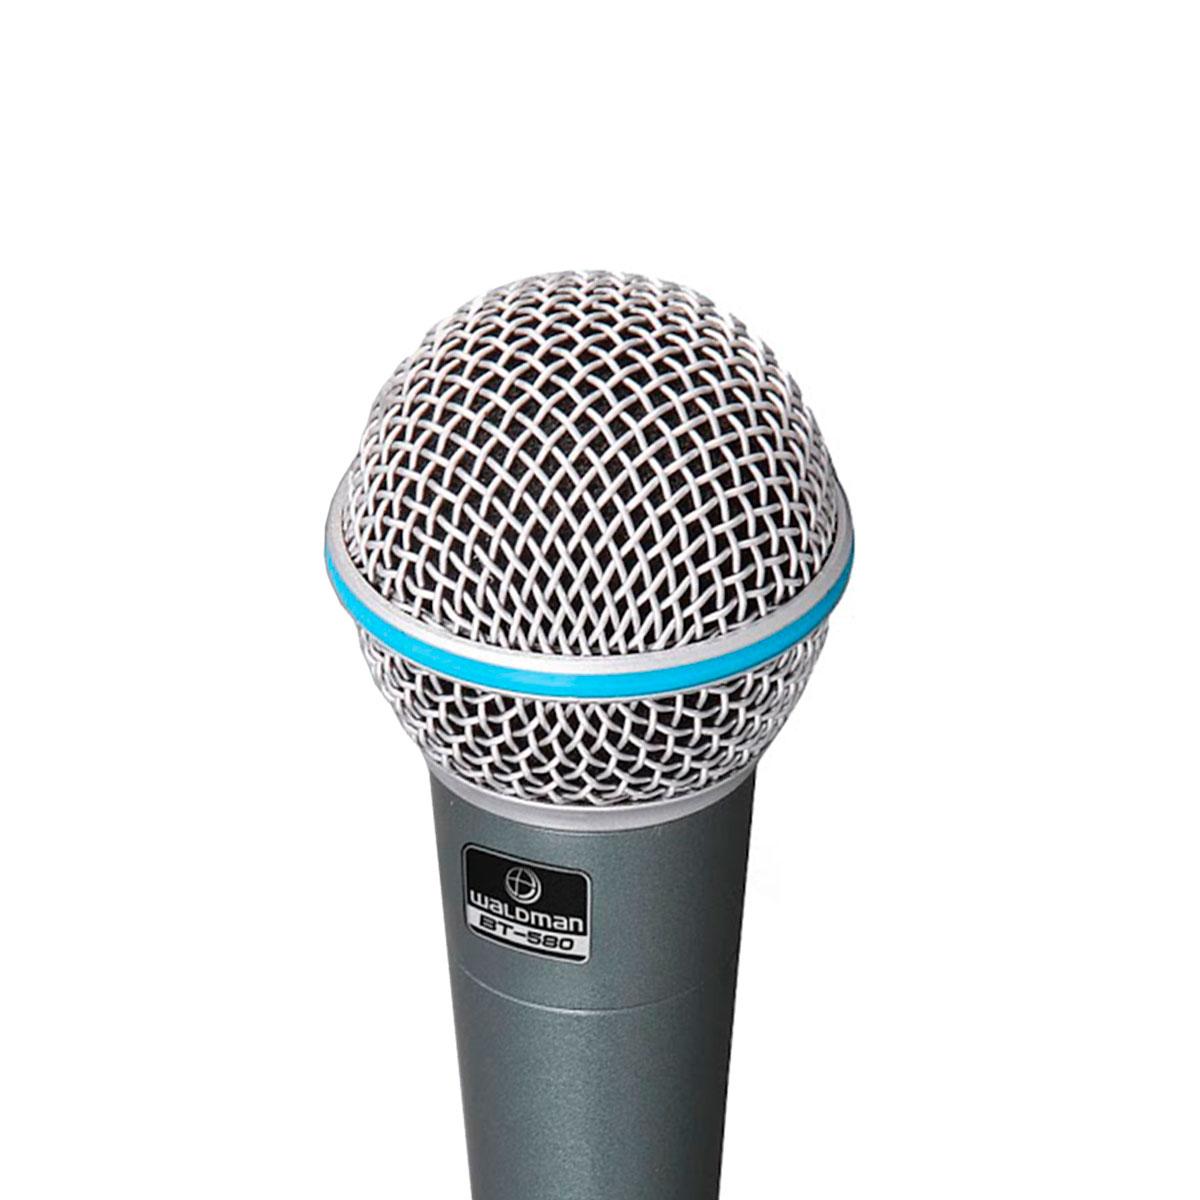 BT580 - Microfone c/ Fio de Mão BT 580 - Waldman